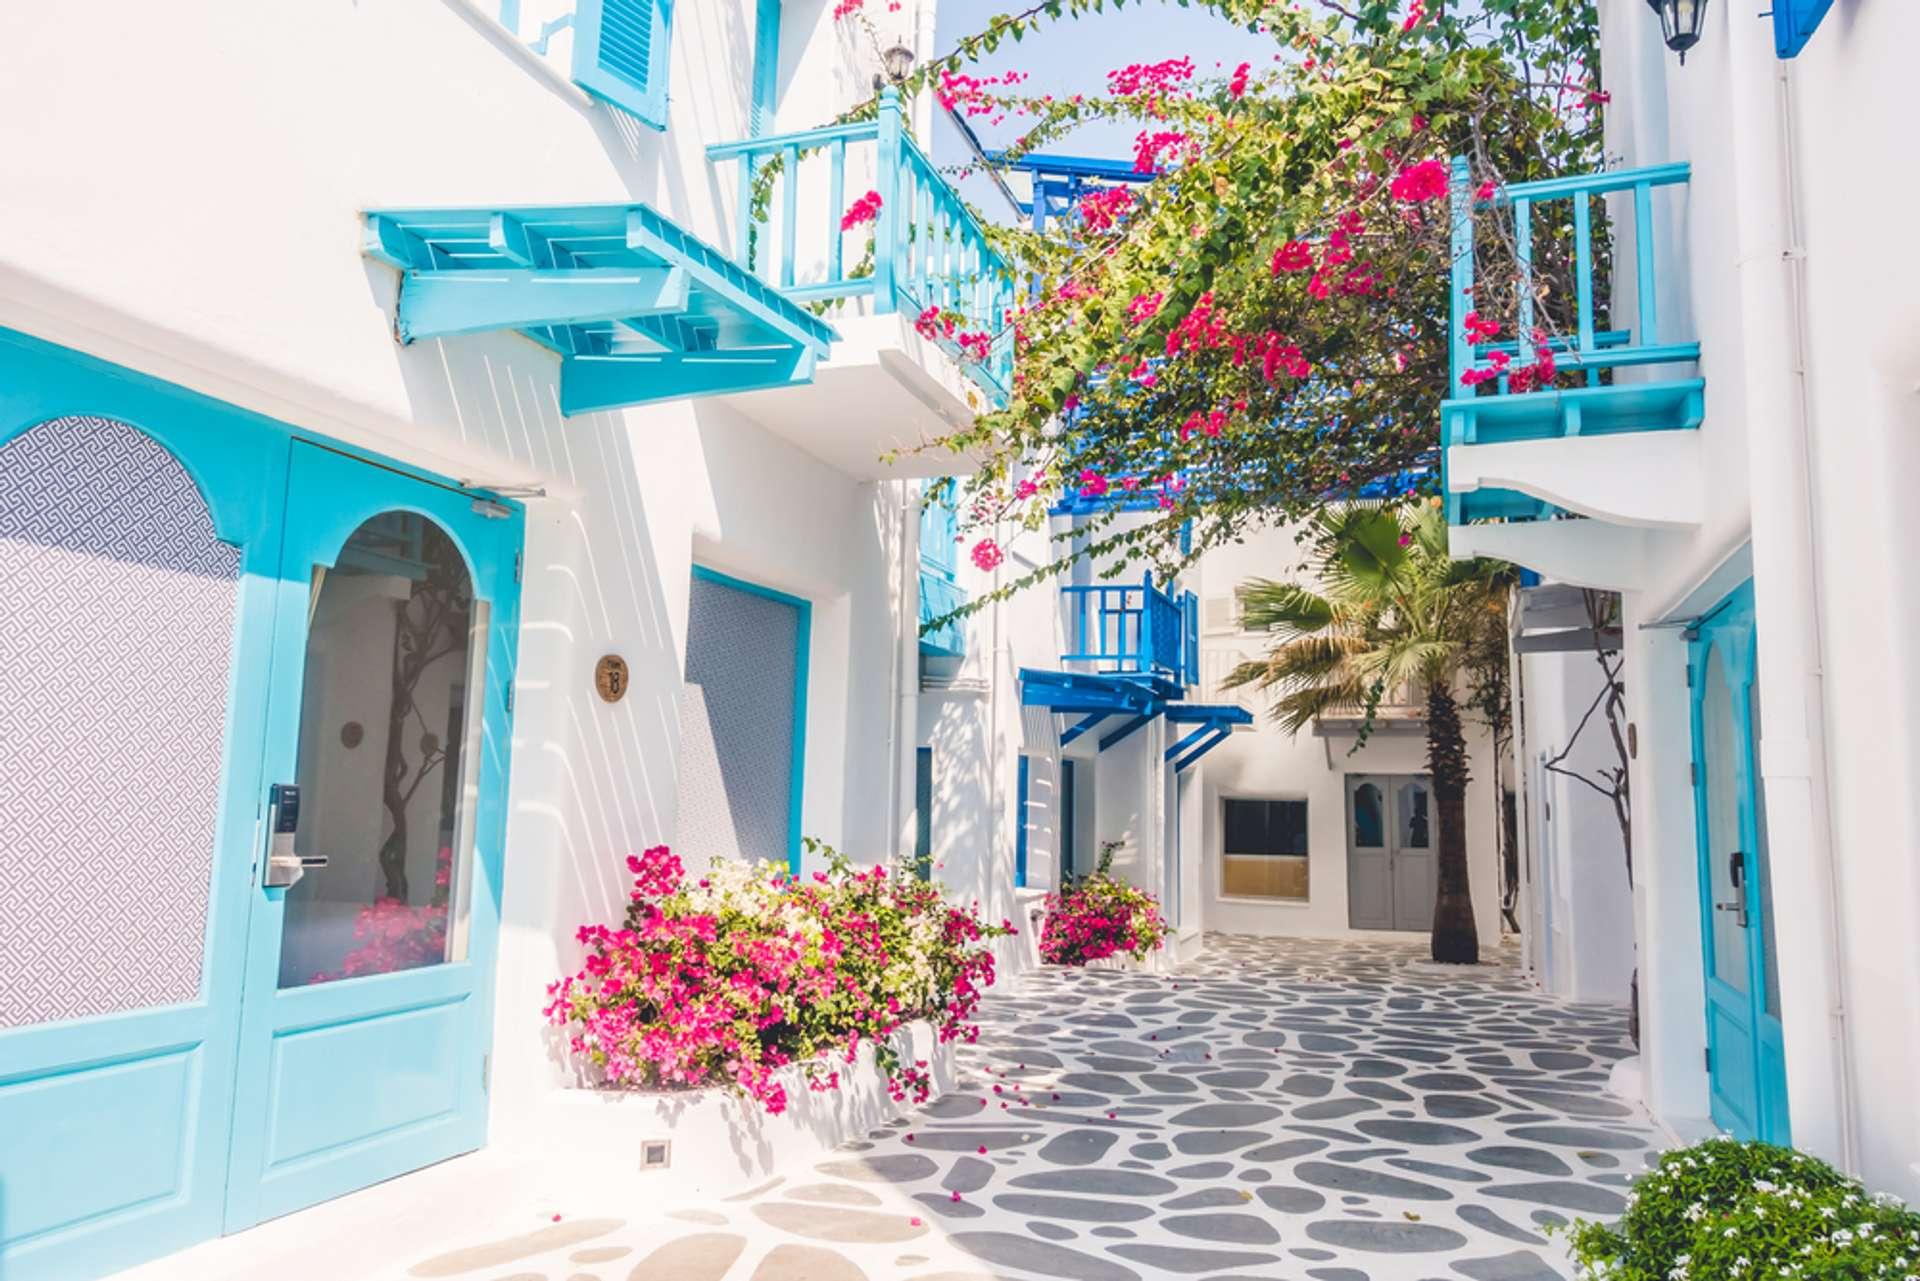 Griekenland Santorini Kleurrijk straatje